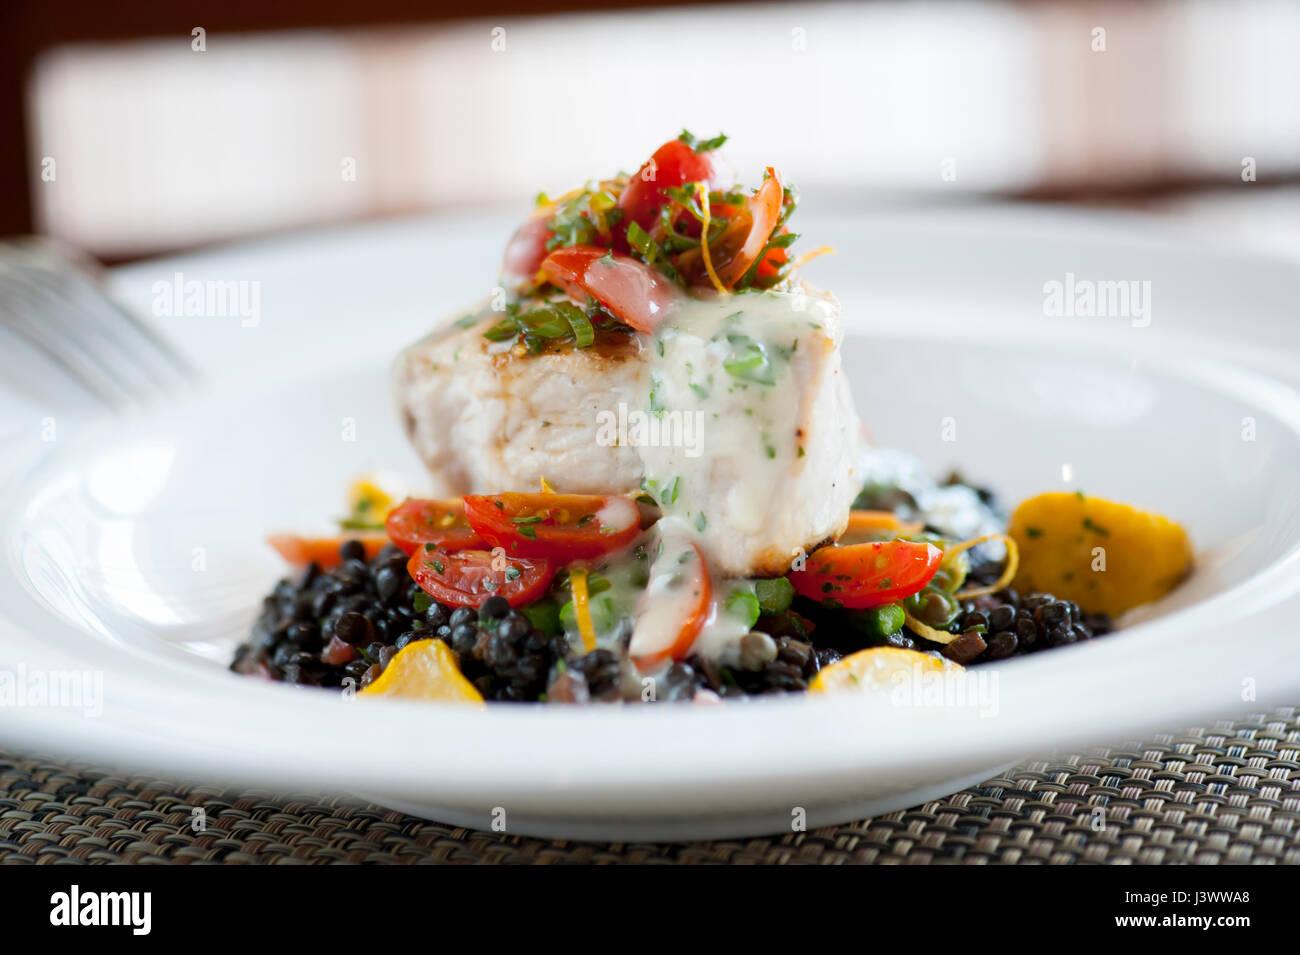 USA Lebensmittel Schwertfischsteak auf einem Bett aus Linsen am Wegpunkt Meeresfrüchte und Grill Williamsburg Stockbild